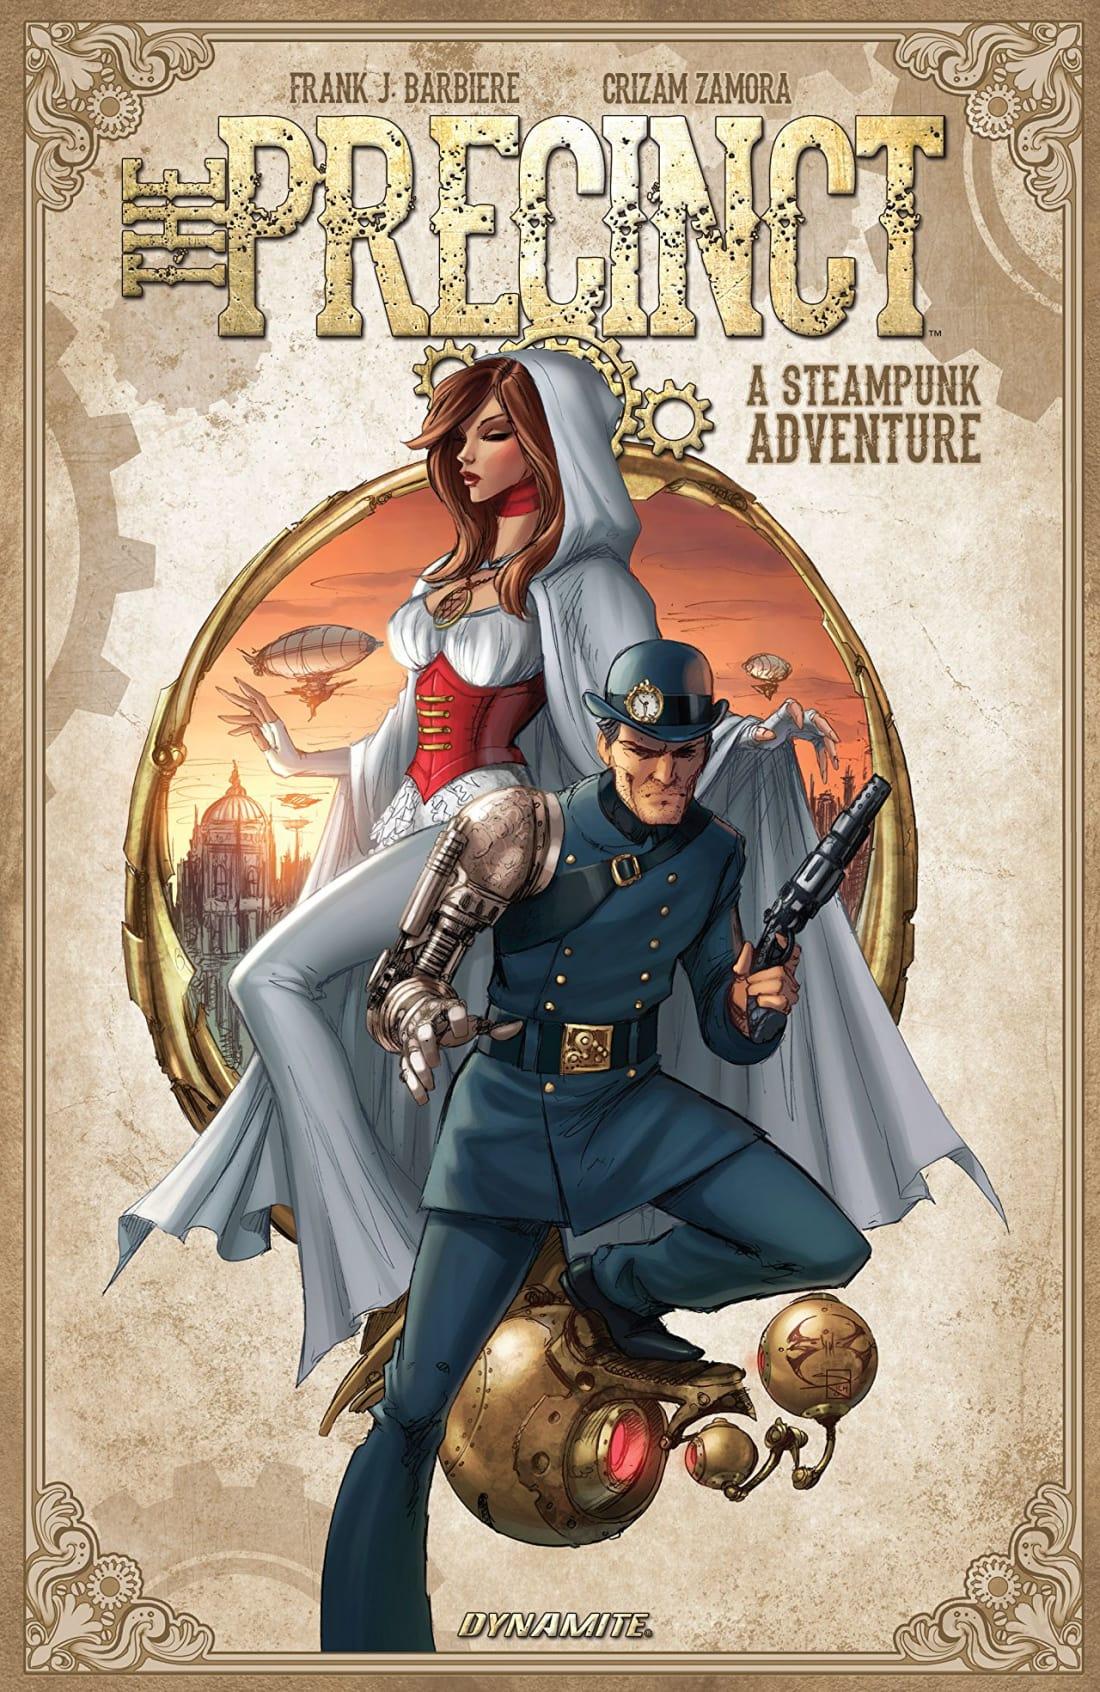 Cops, Mystics, and Steampunk